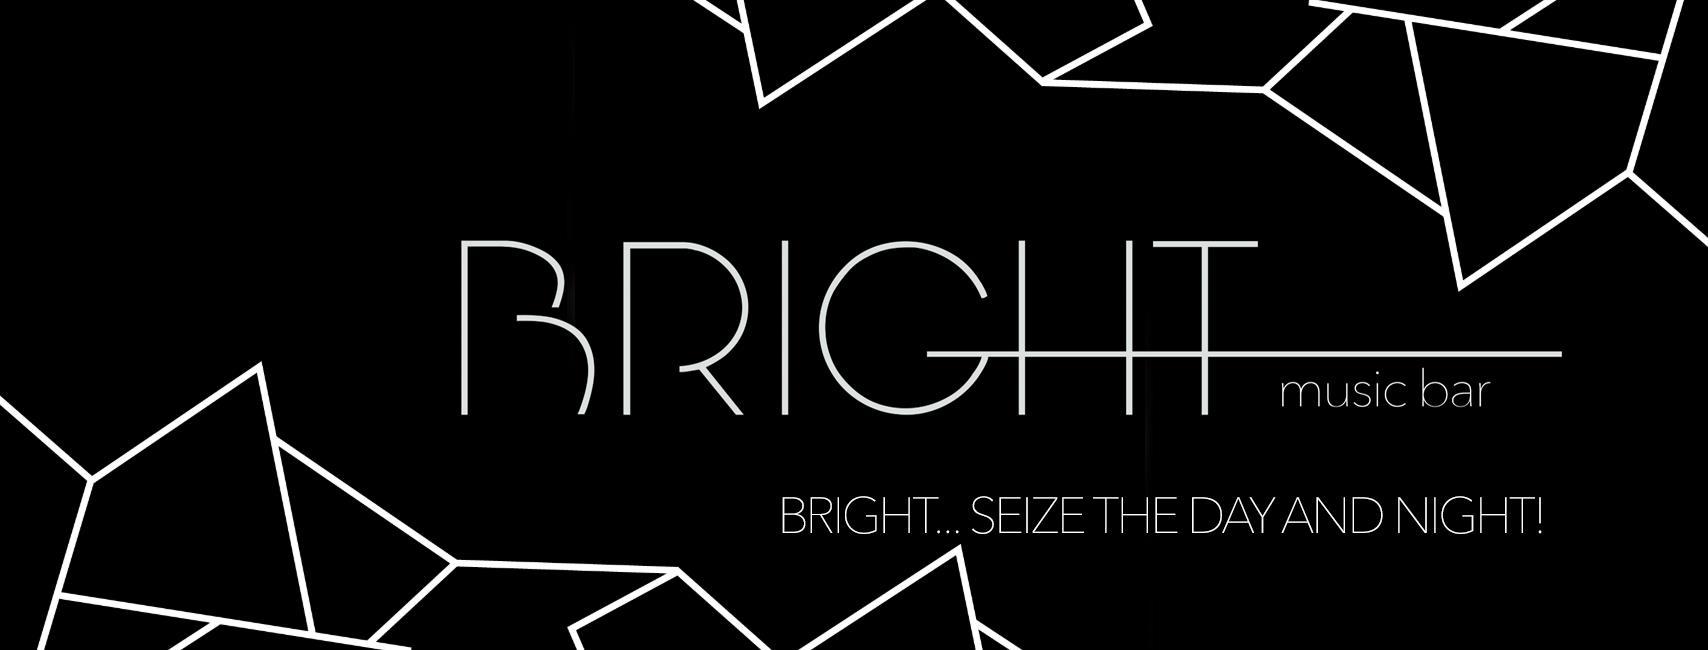 Bright cafe&club